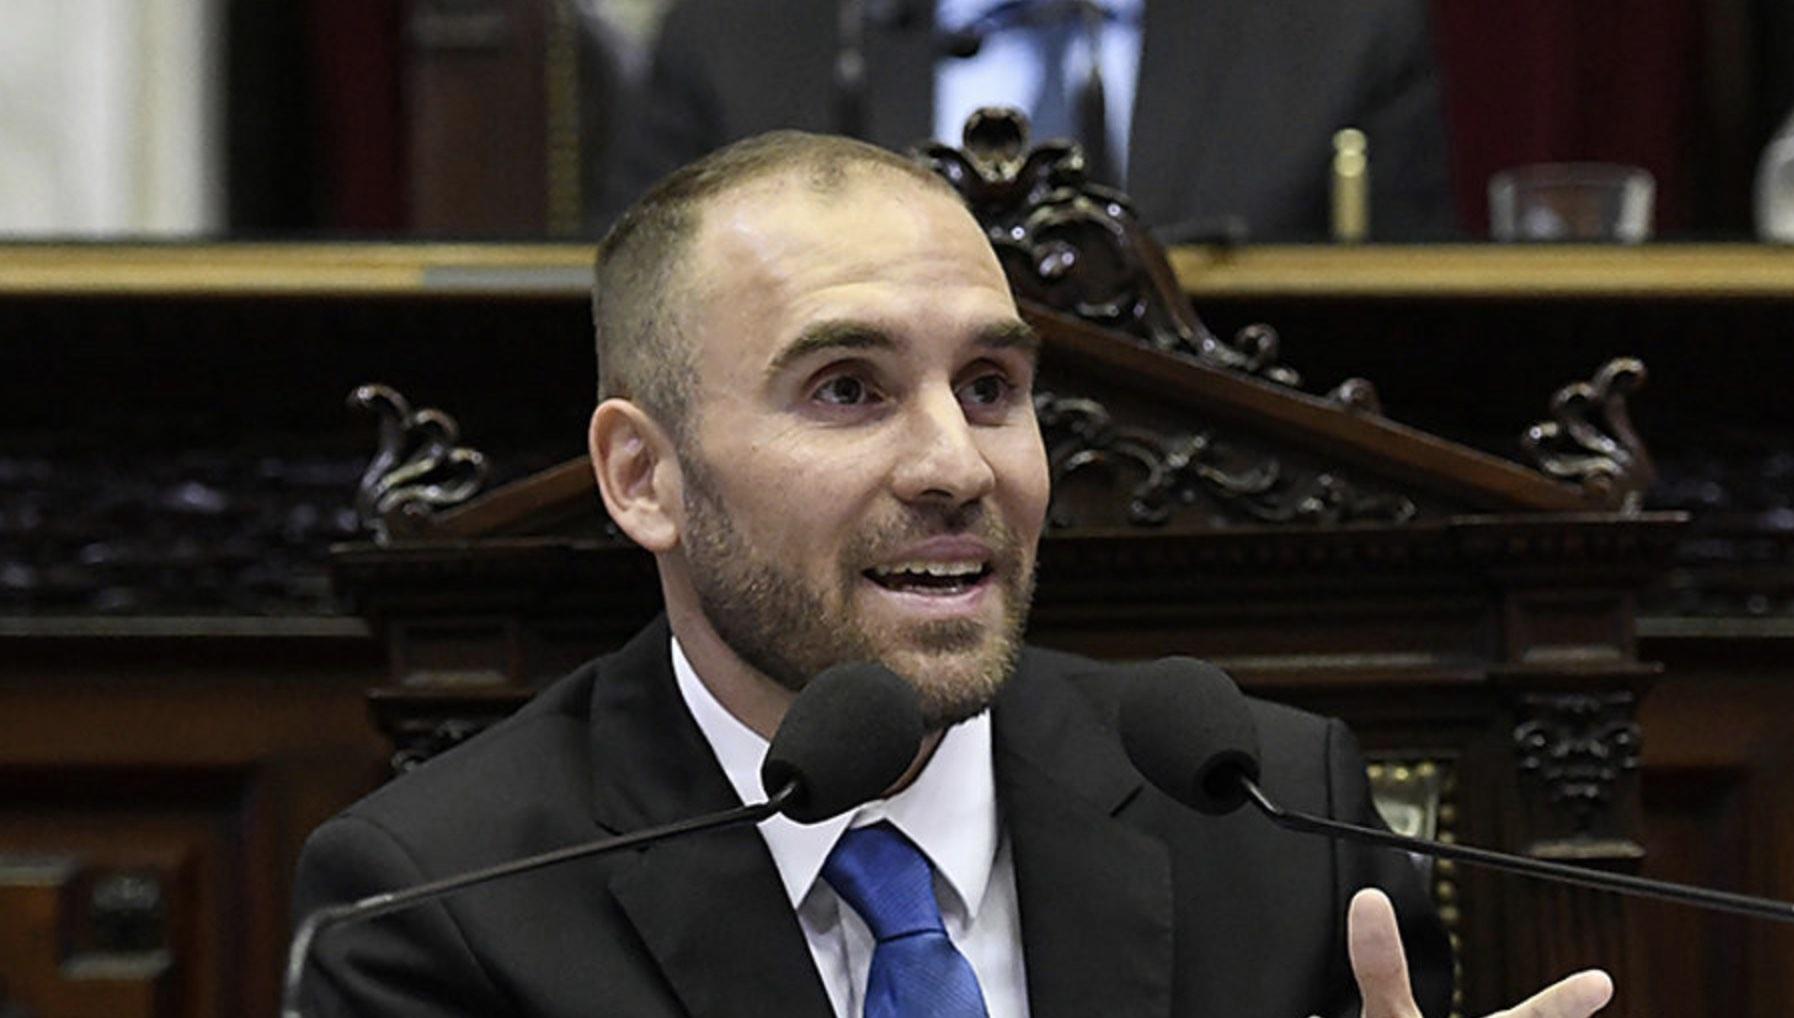 Martín Guzmán, Fracaso de Alberto Fernández, Fracaso económico